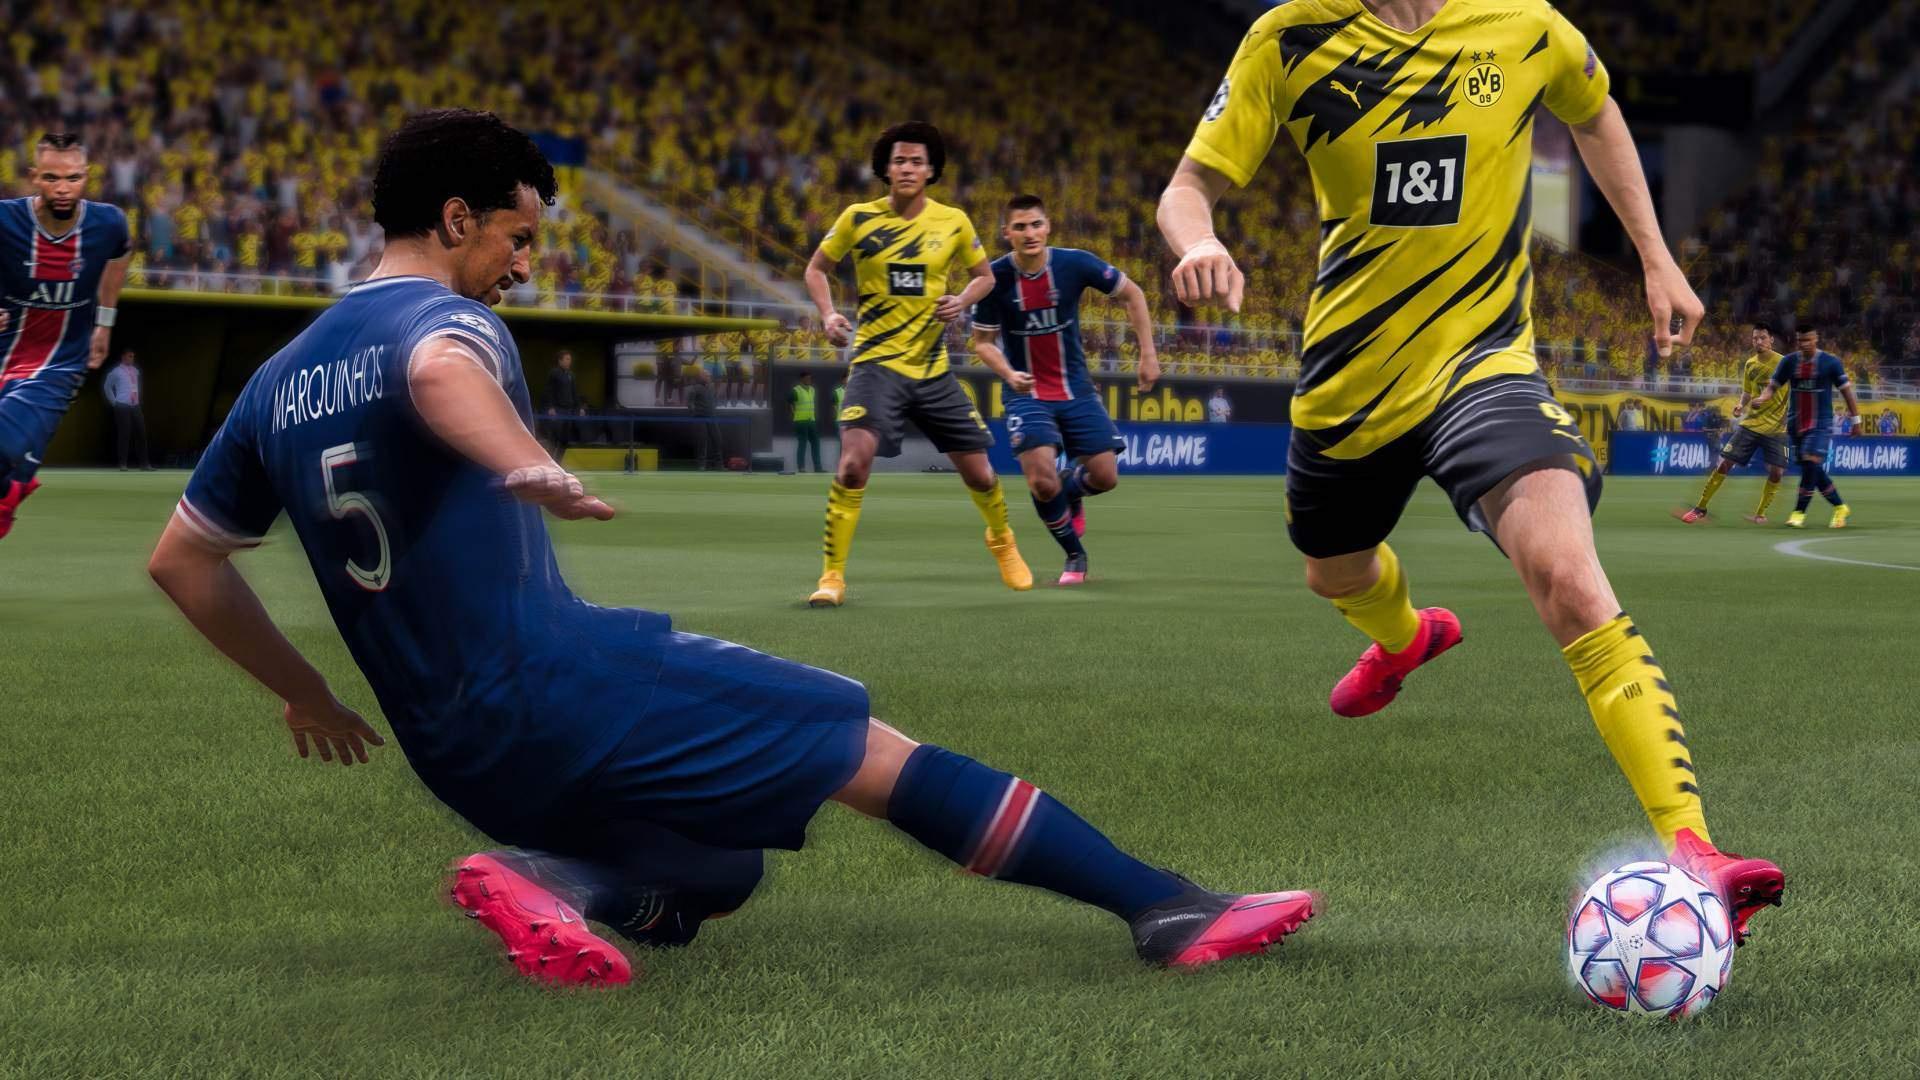 FIFA21 и игры для Switch доминируют в рознице Великобритании